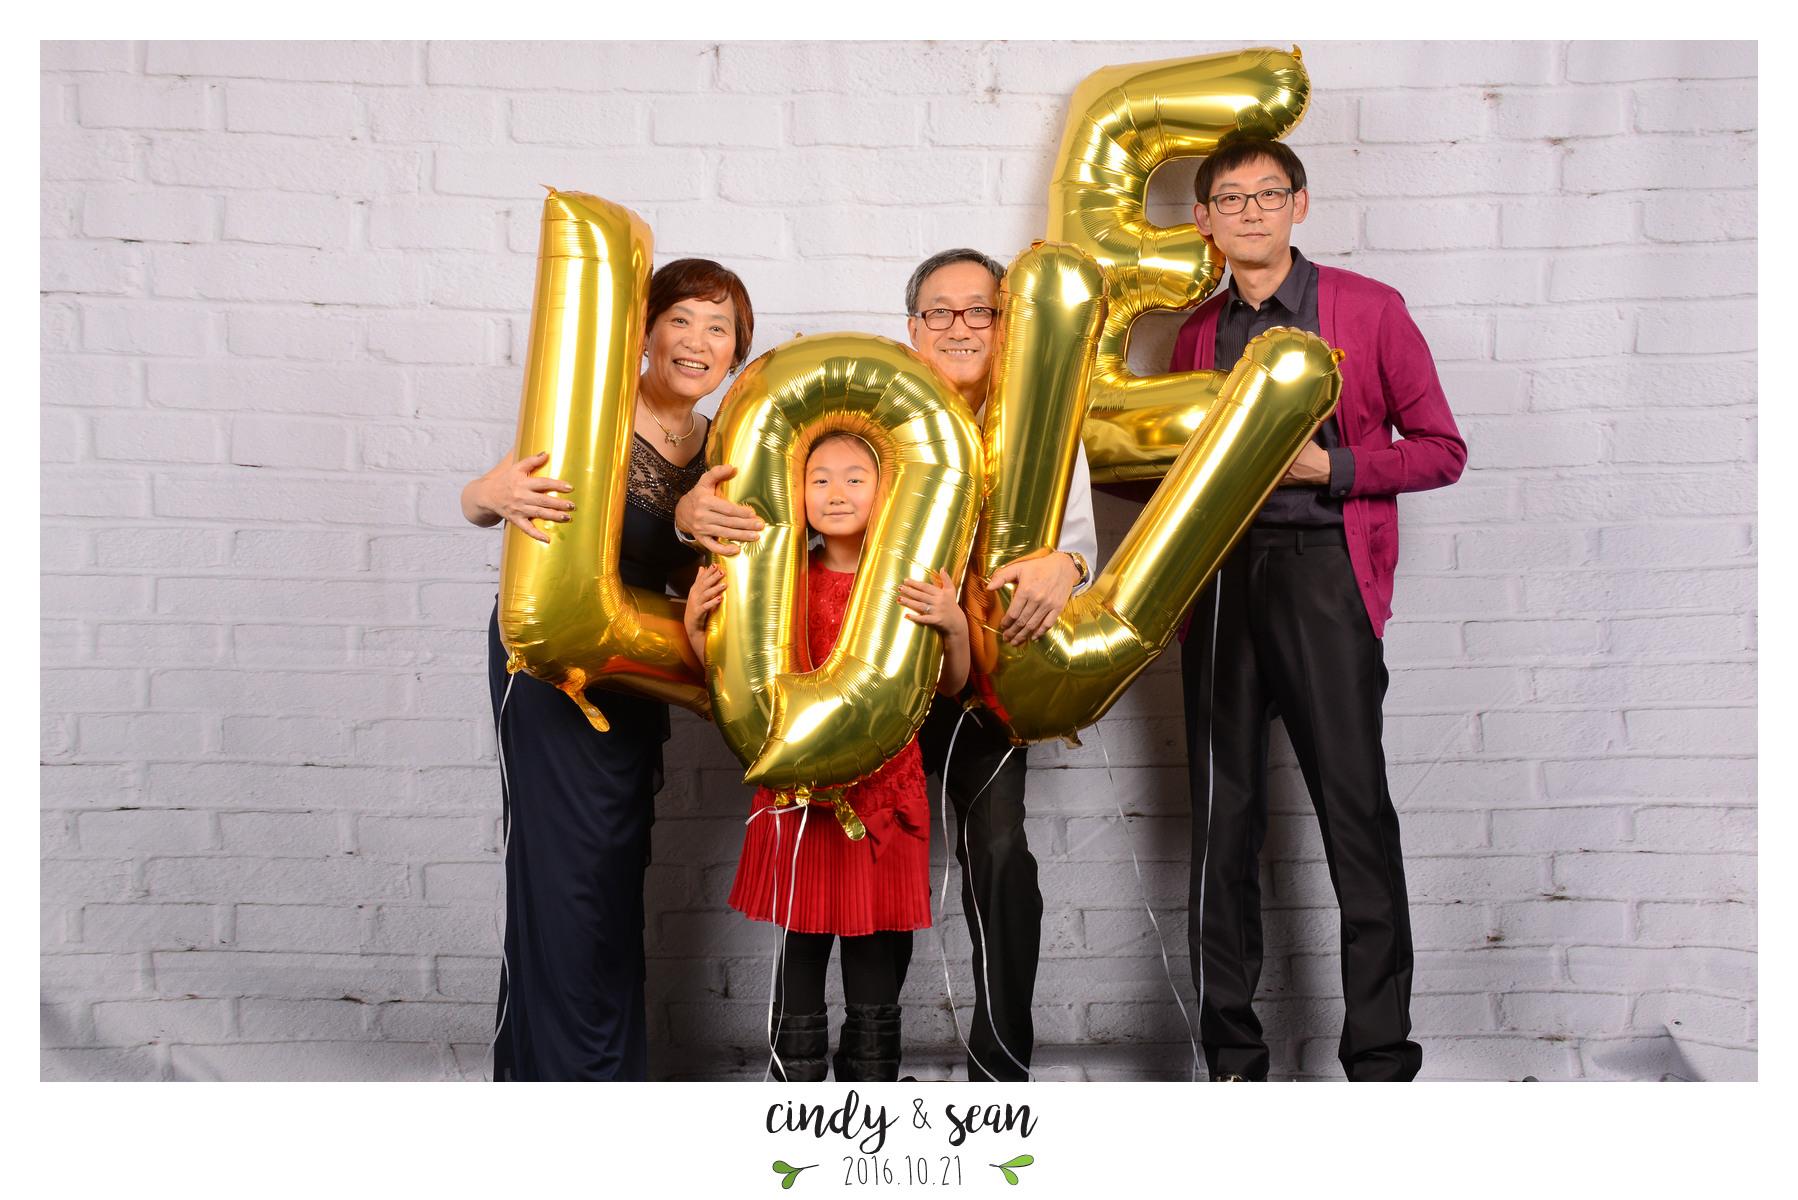 Cindy Sean Bae - 0001-203.jpg